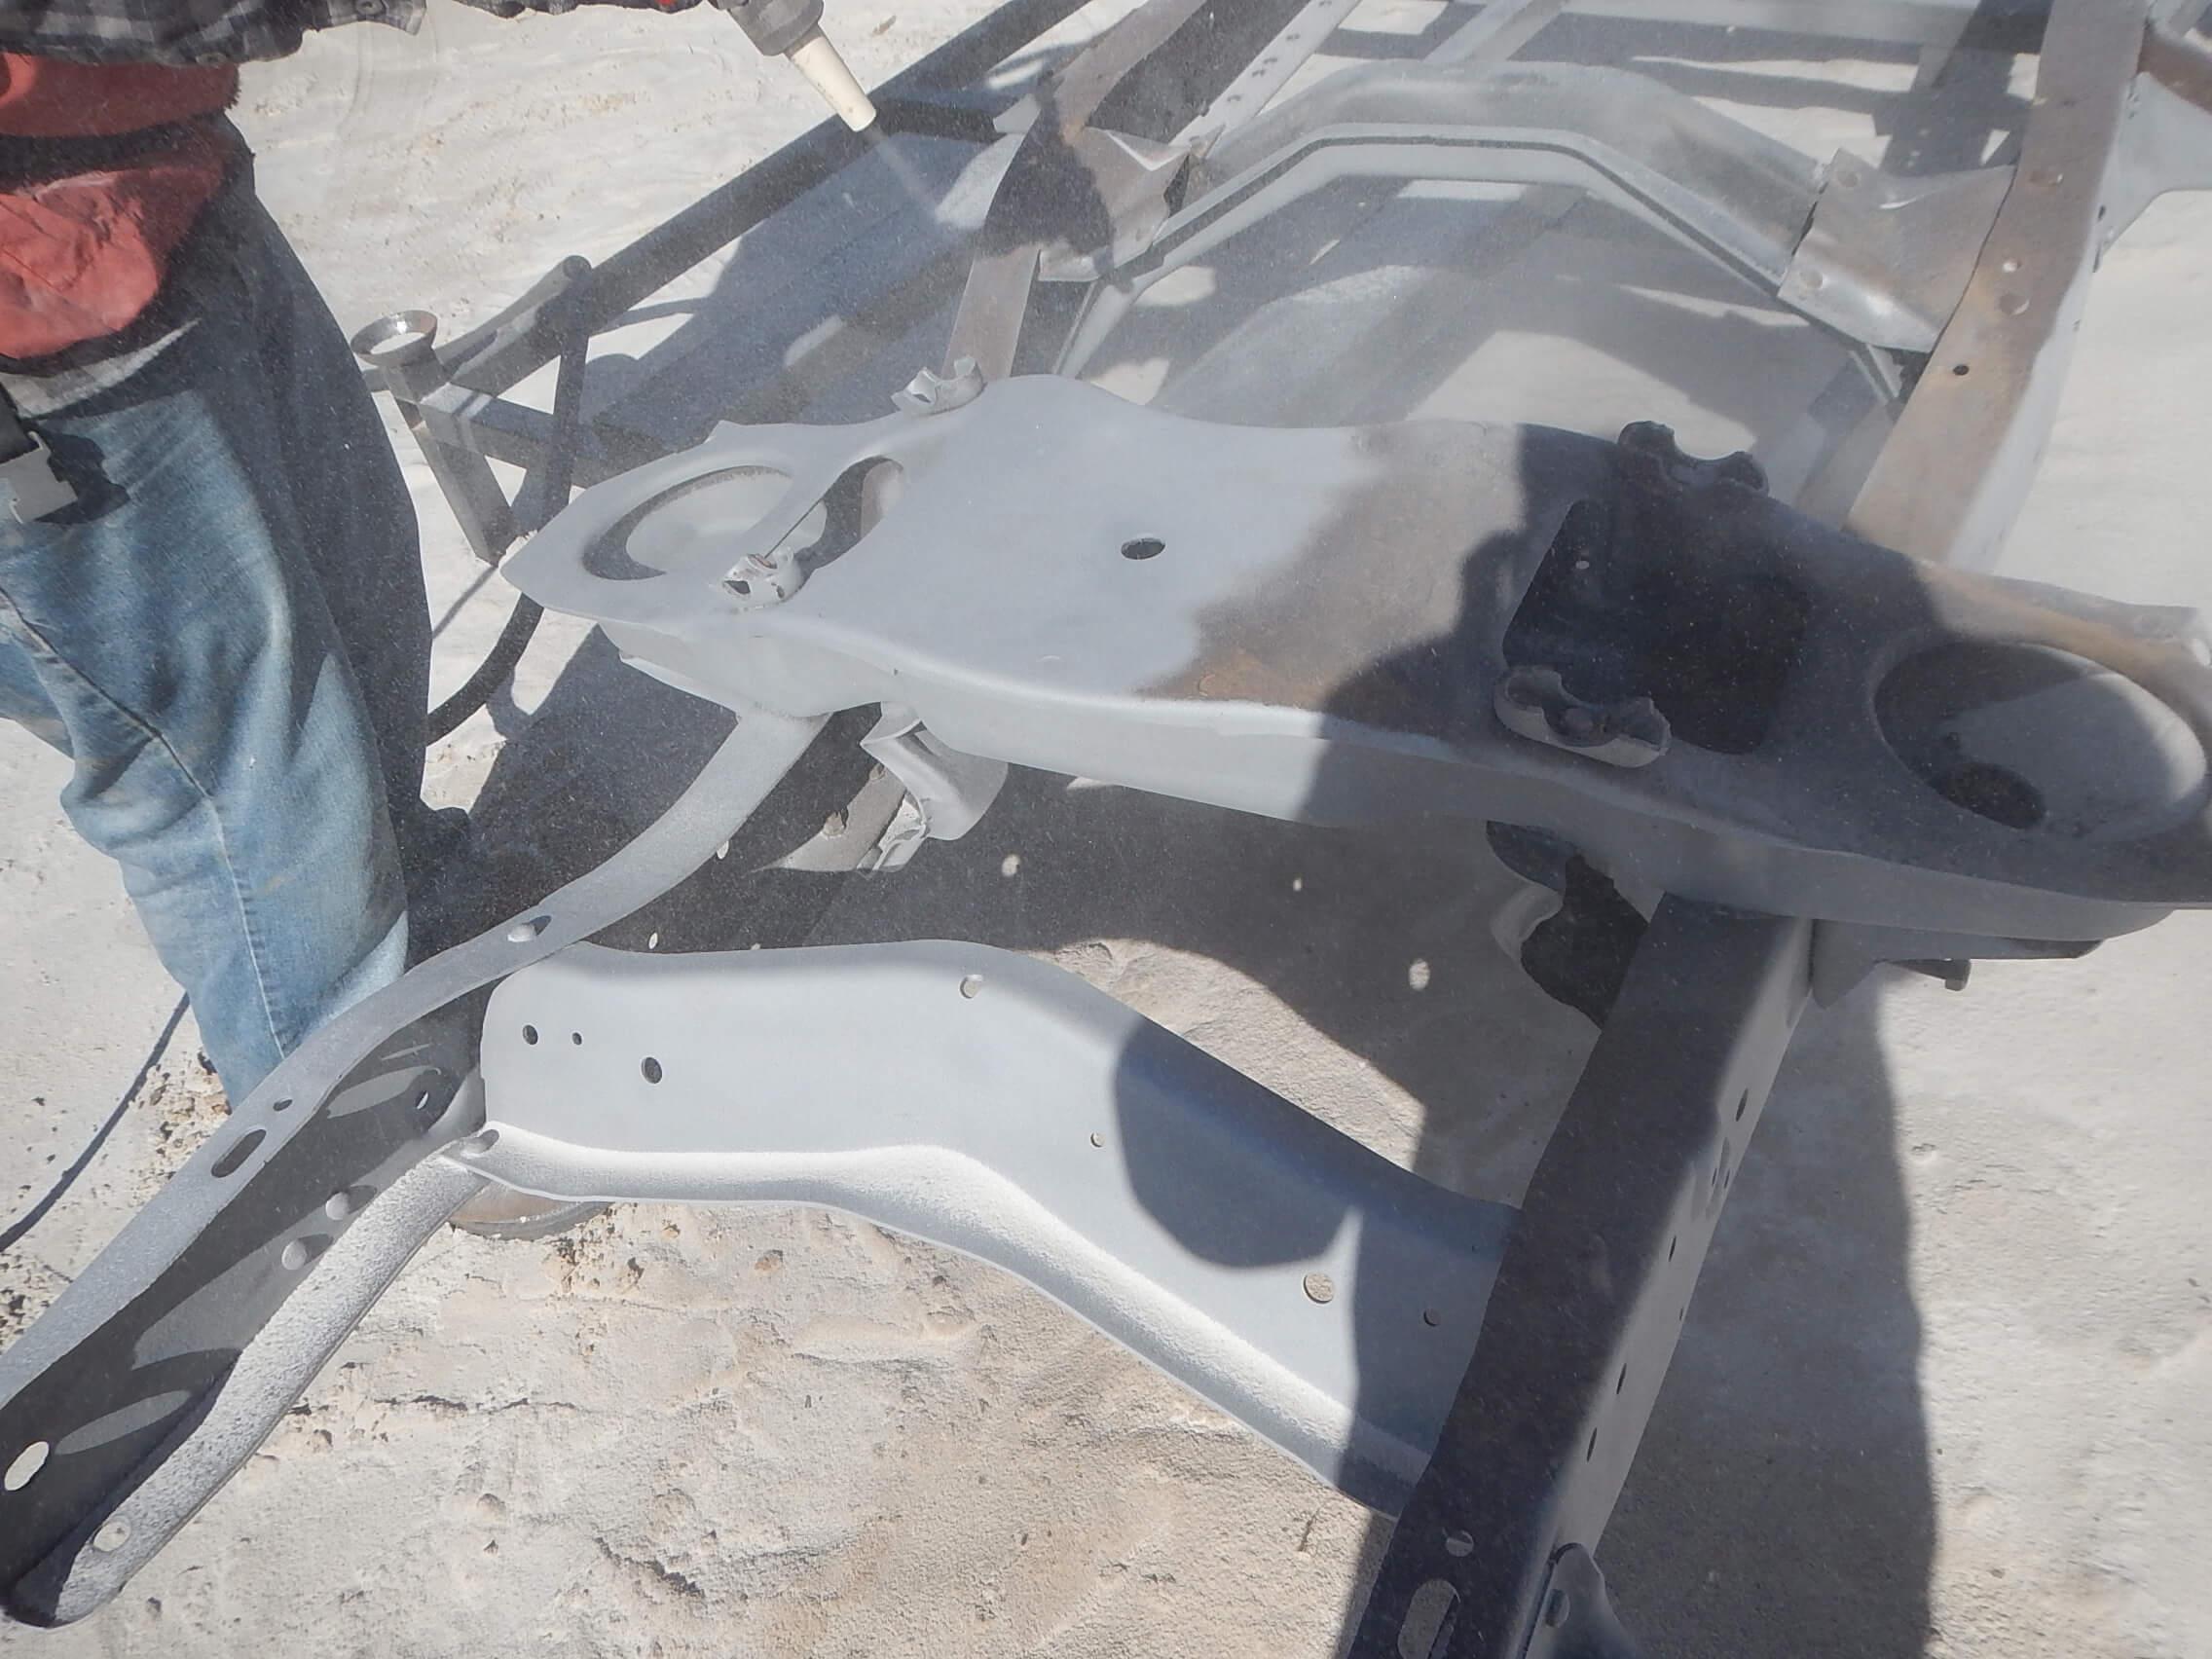 C-10 Sand Blasted.JPG